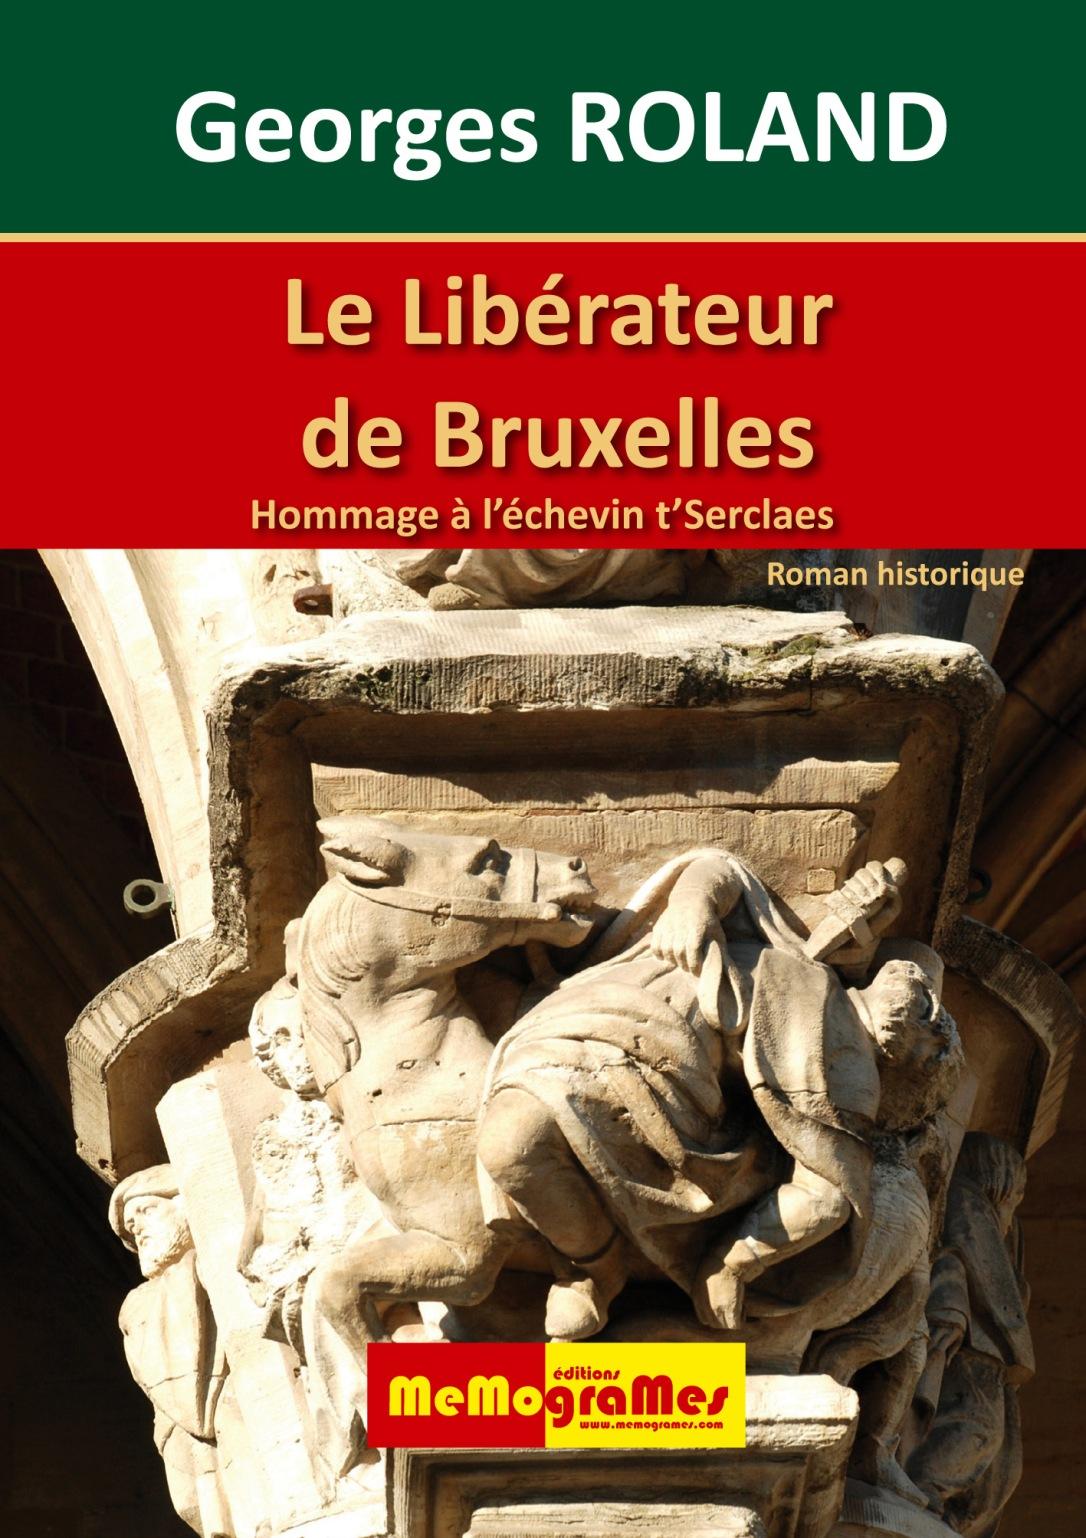 Georges ROLAND Le Libérateur de Bruxelles 9782930698717